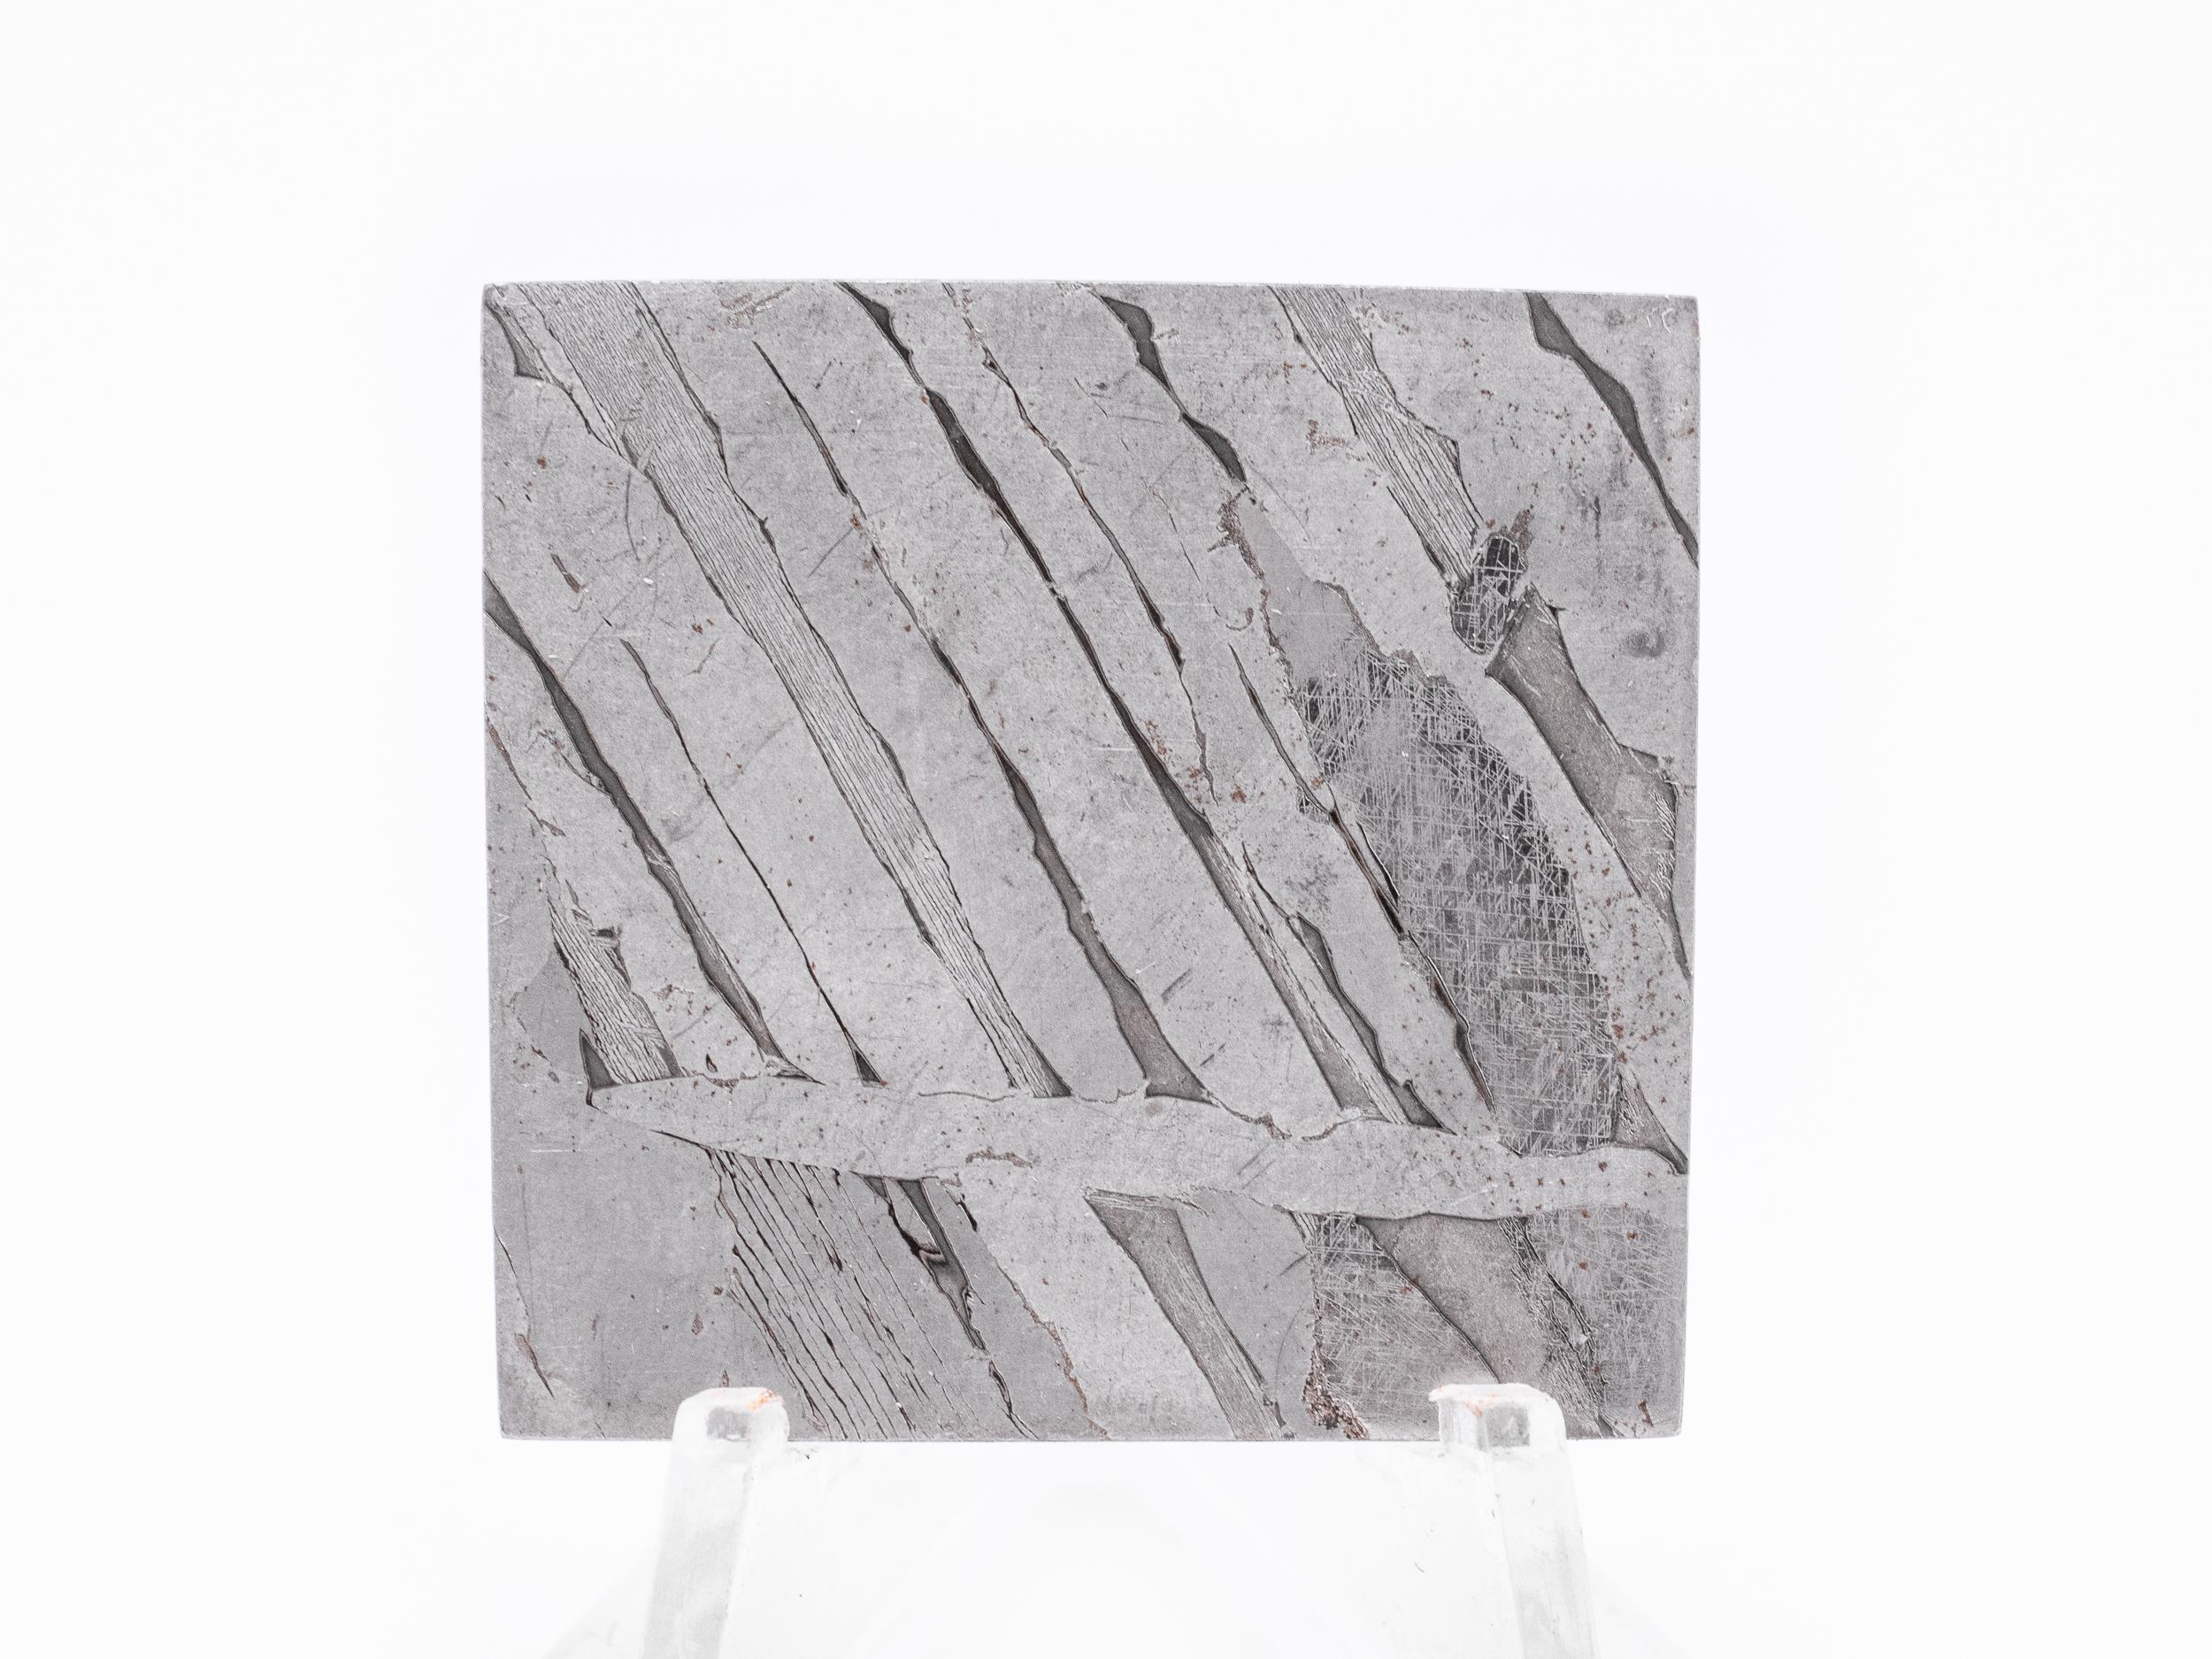 seymchan iron meteorite 26